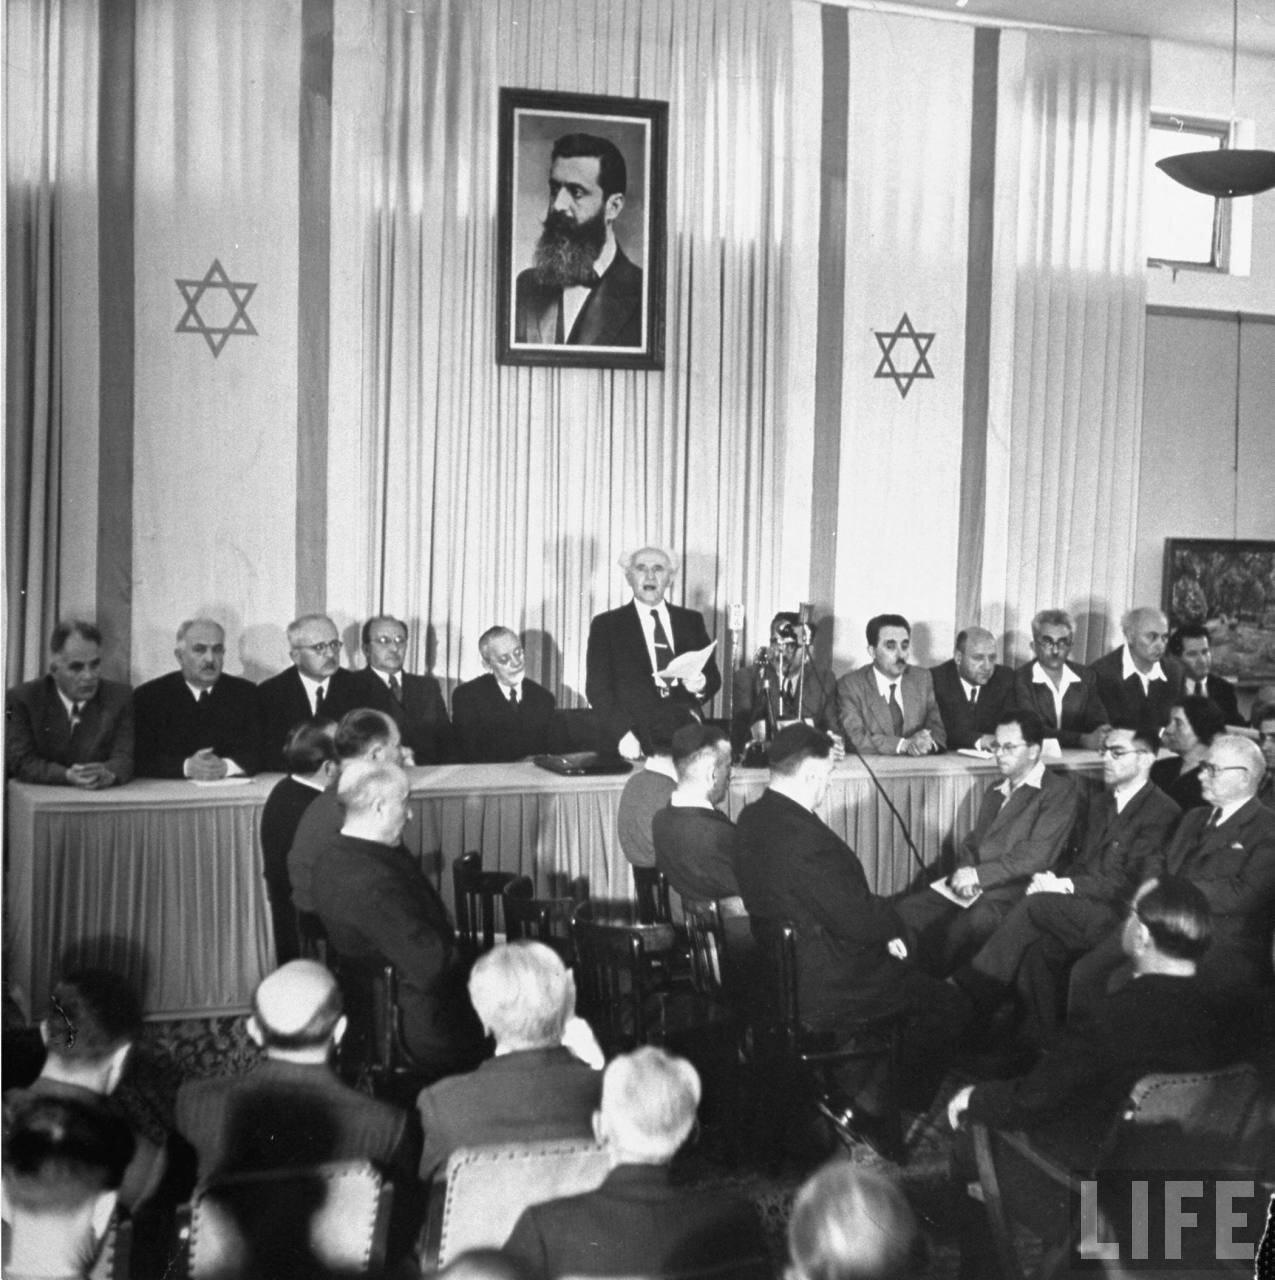 1948. 14 мая.  Давид Бен-Гурион провозглашает создание независимого еврейского государства